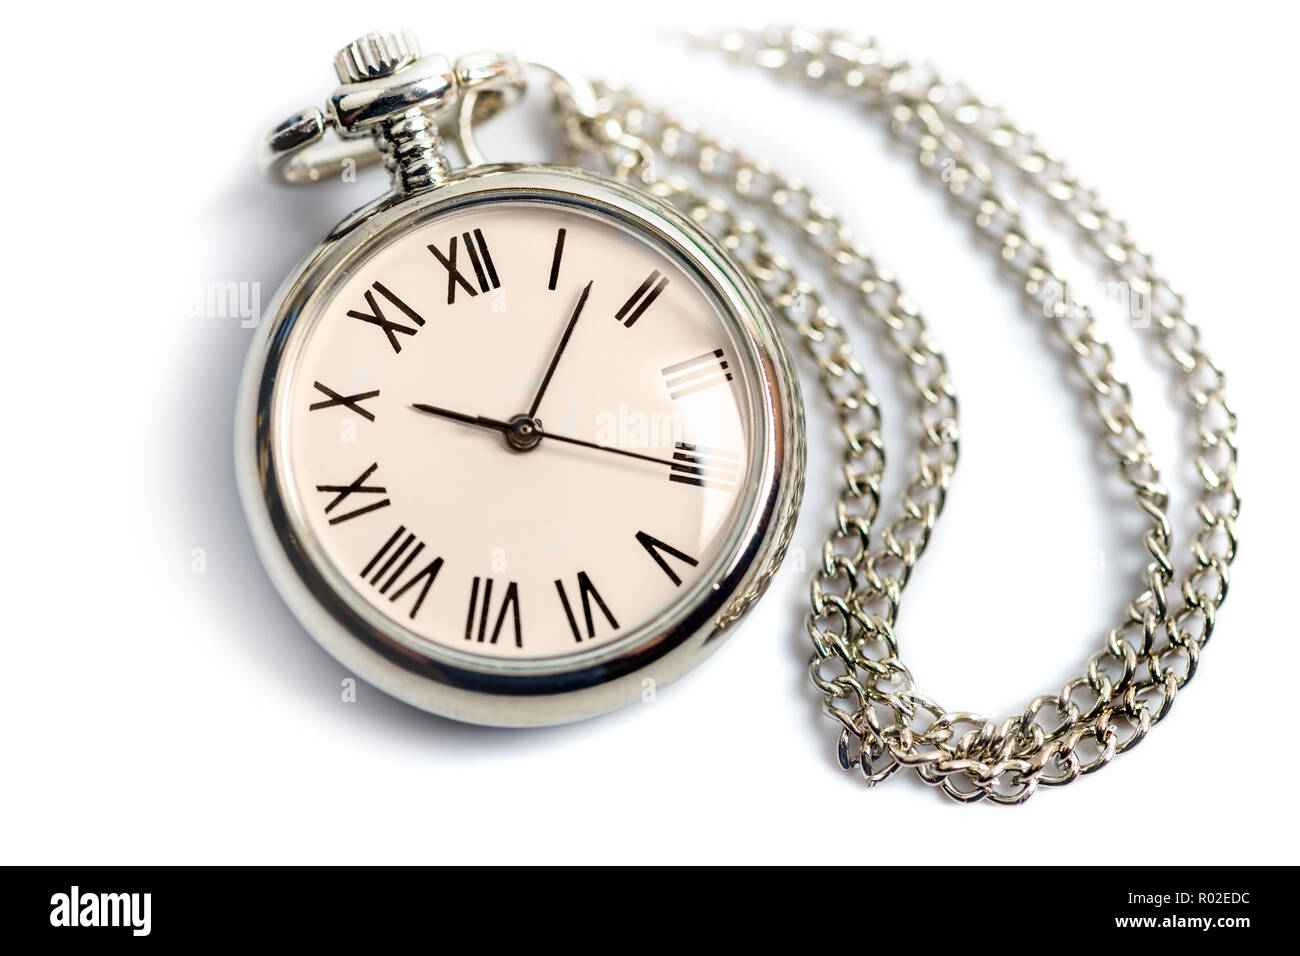 Eine Waltham-Taschenuhr datiert